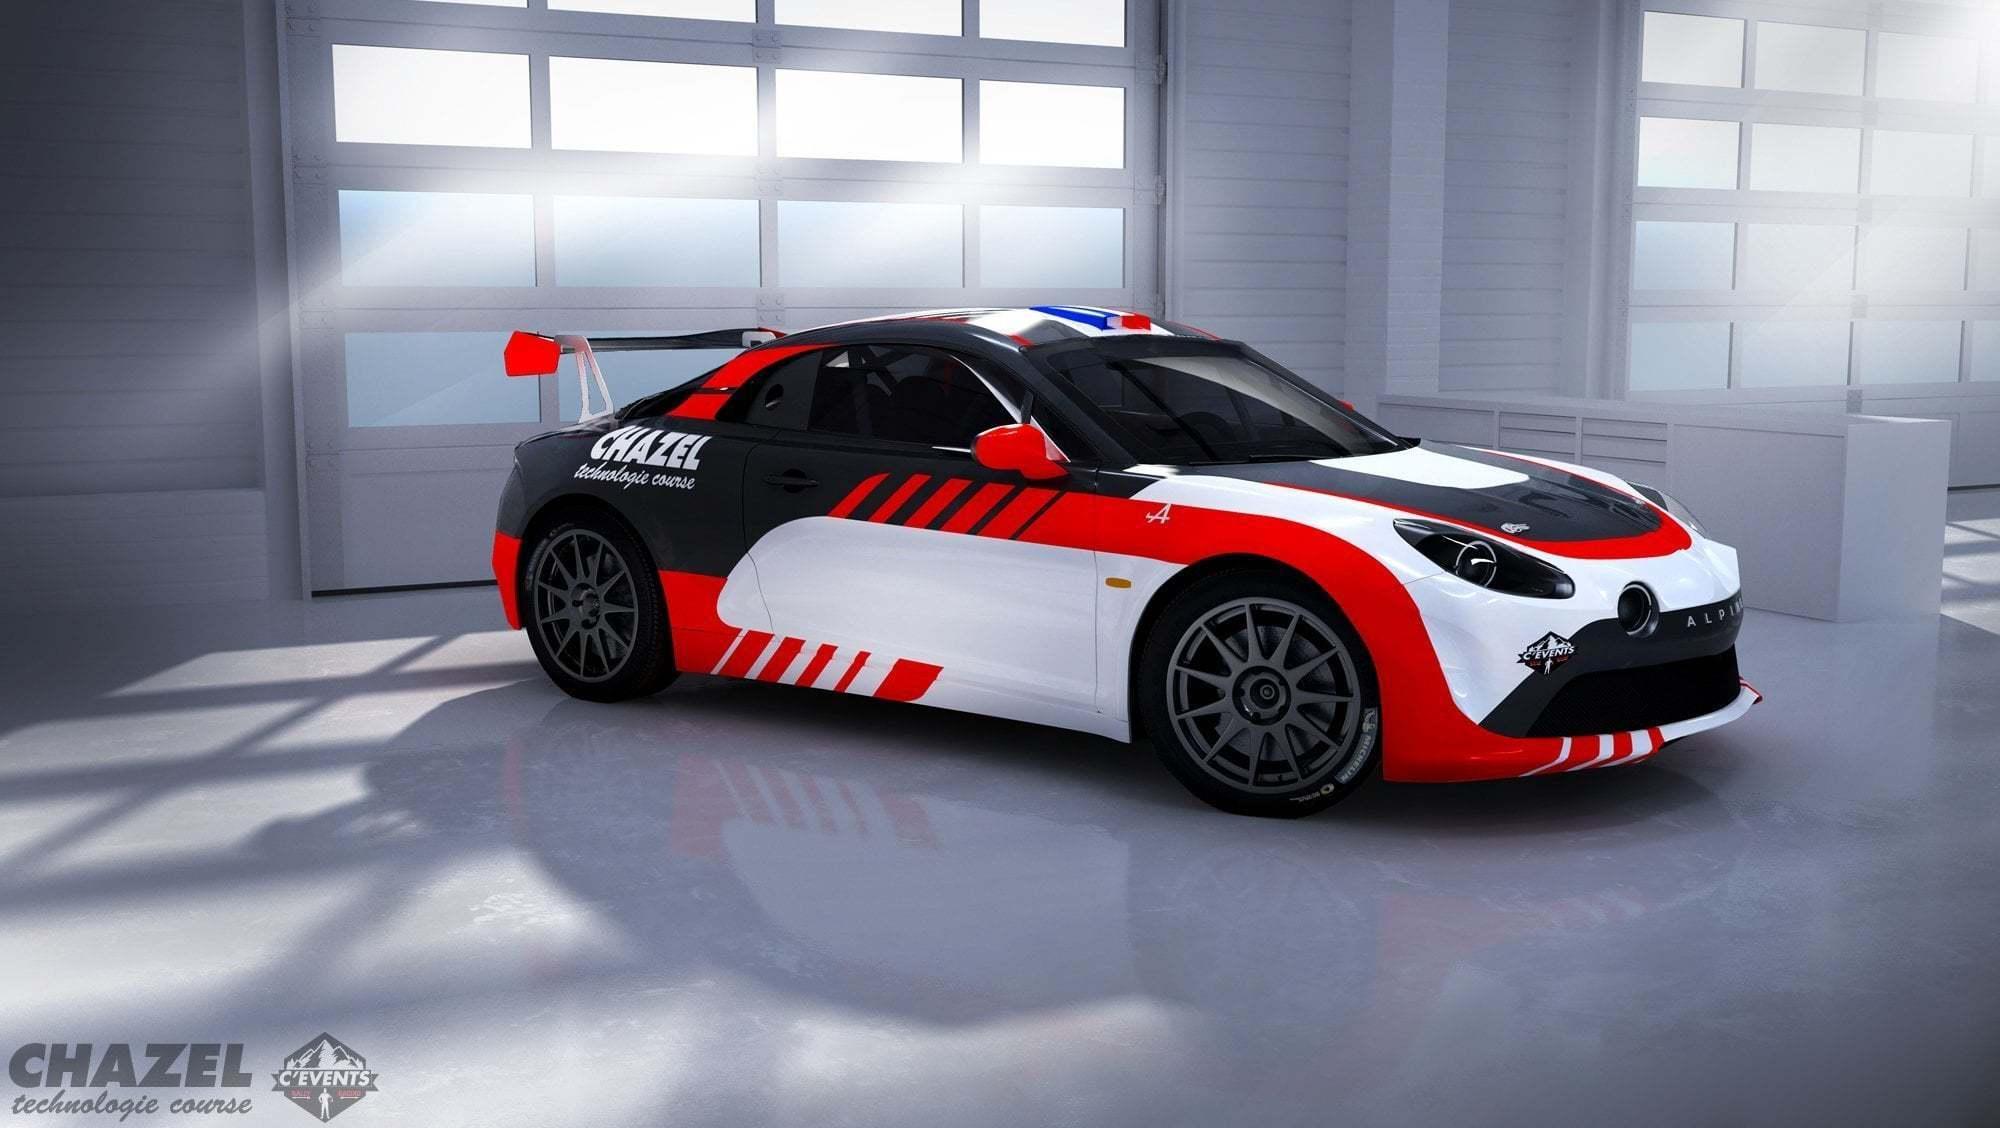 Alpine RGT CHAZEL | Le Team Chazel Technologie Course engagera une Alpine A110 R-GT en 2020